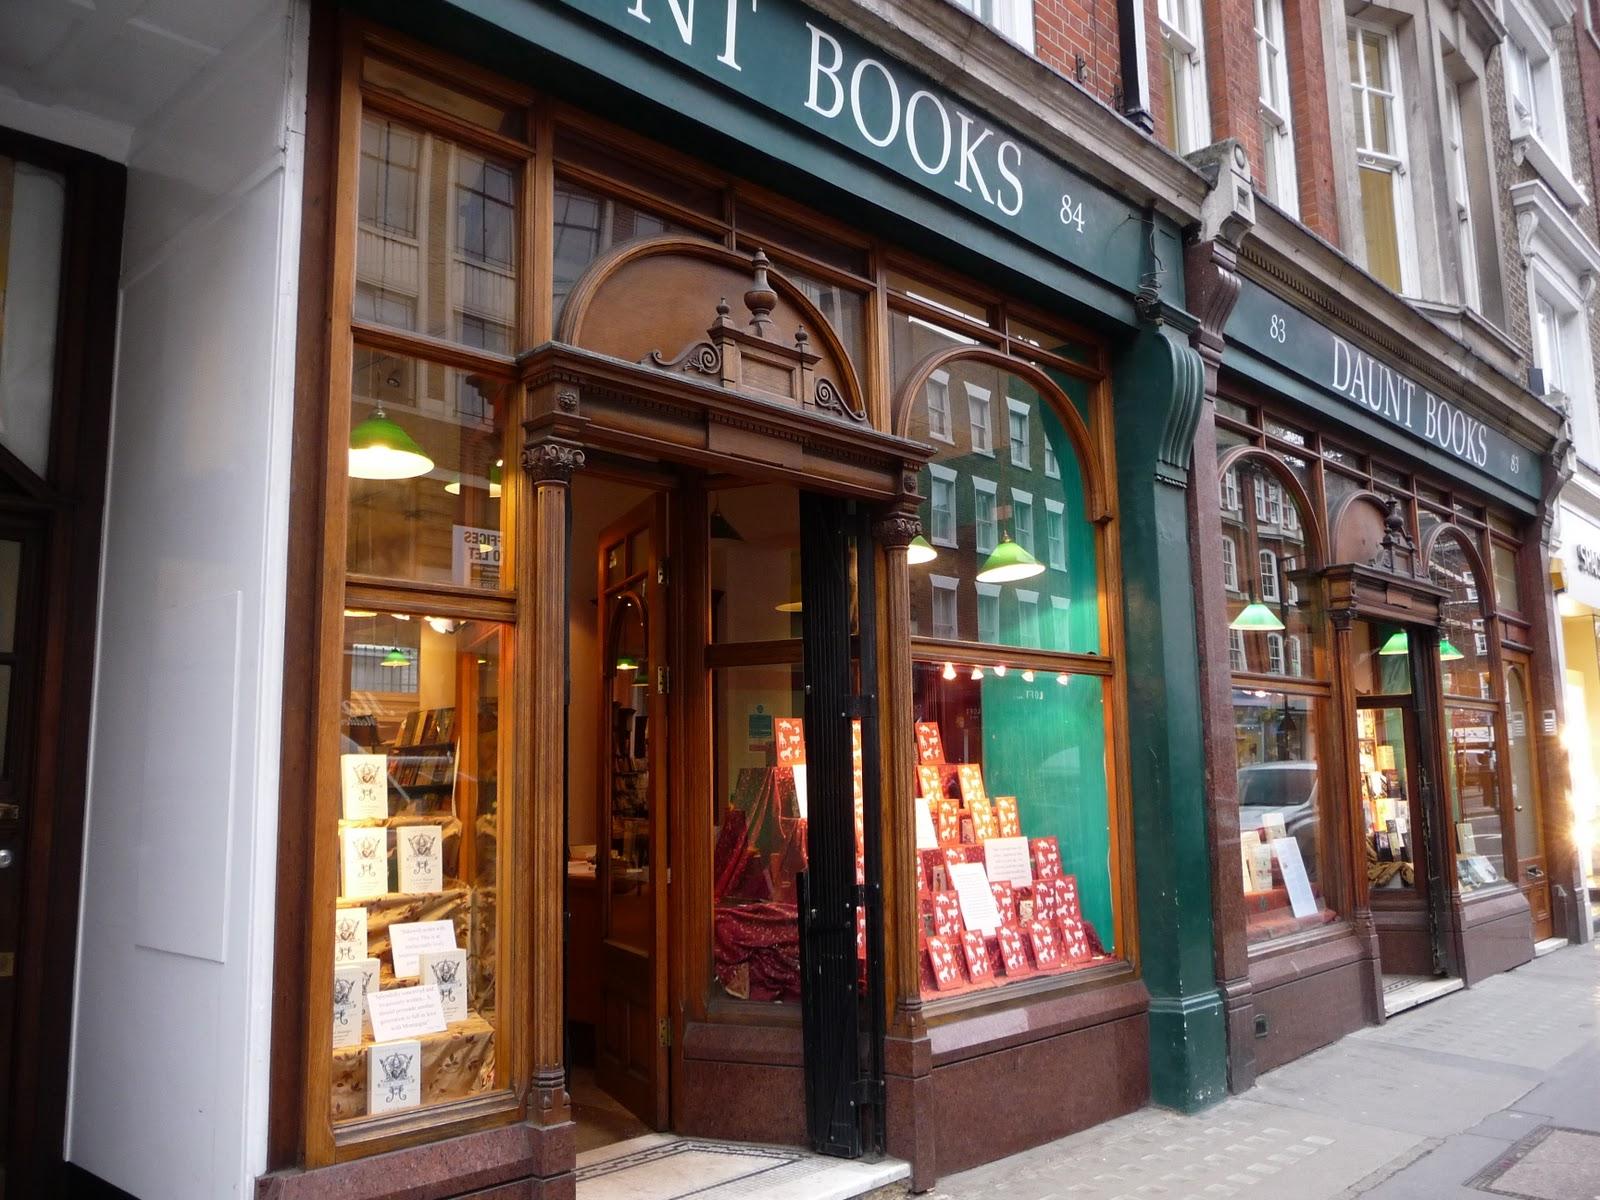 Daunt Books — один из самых красивых книжных магазинов Лондона.  Daunt+books+marylebone